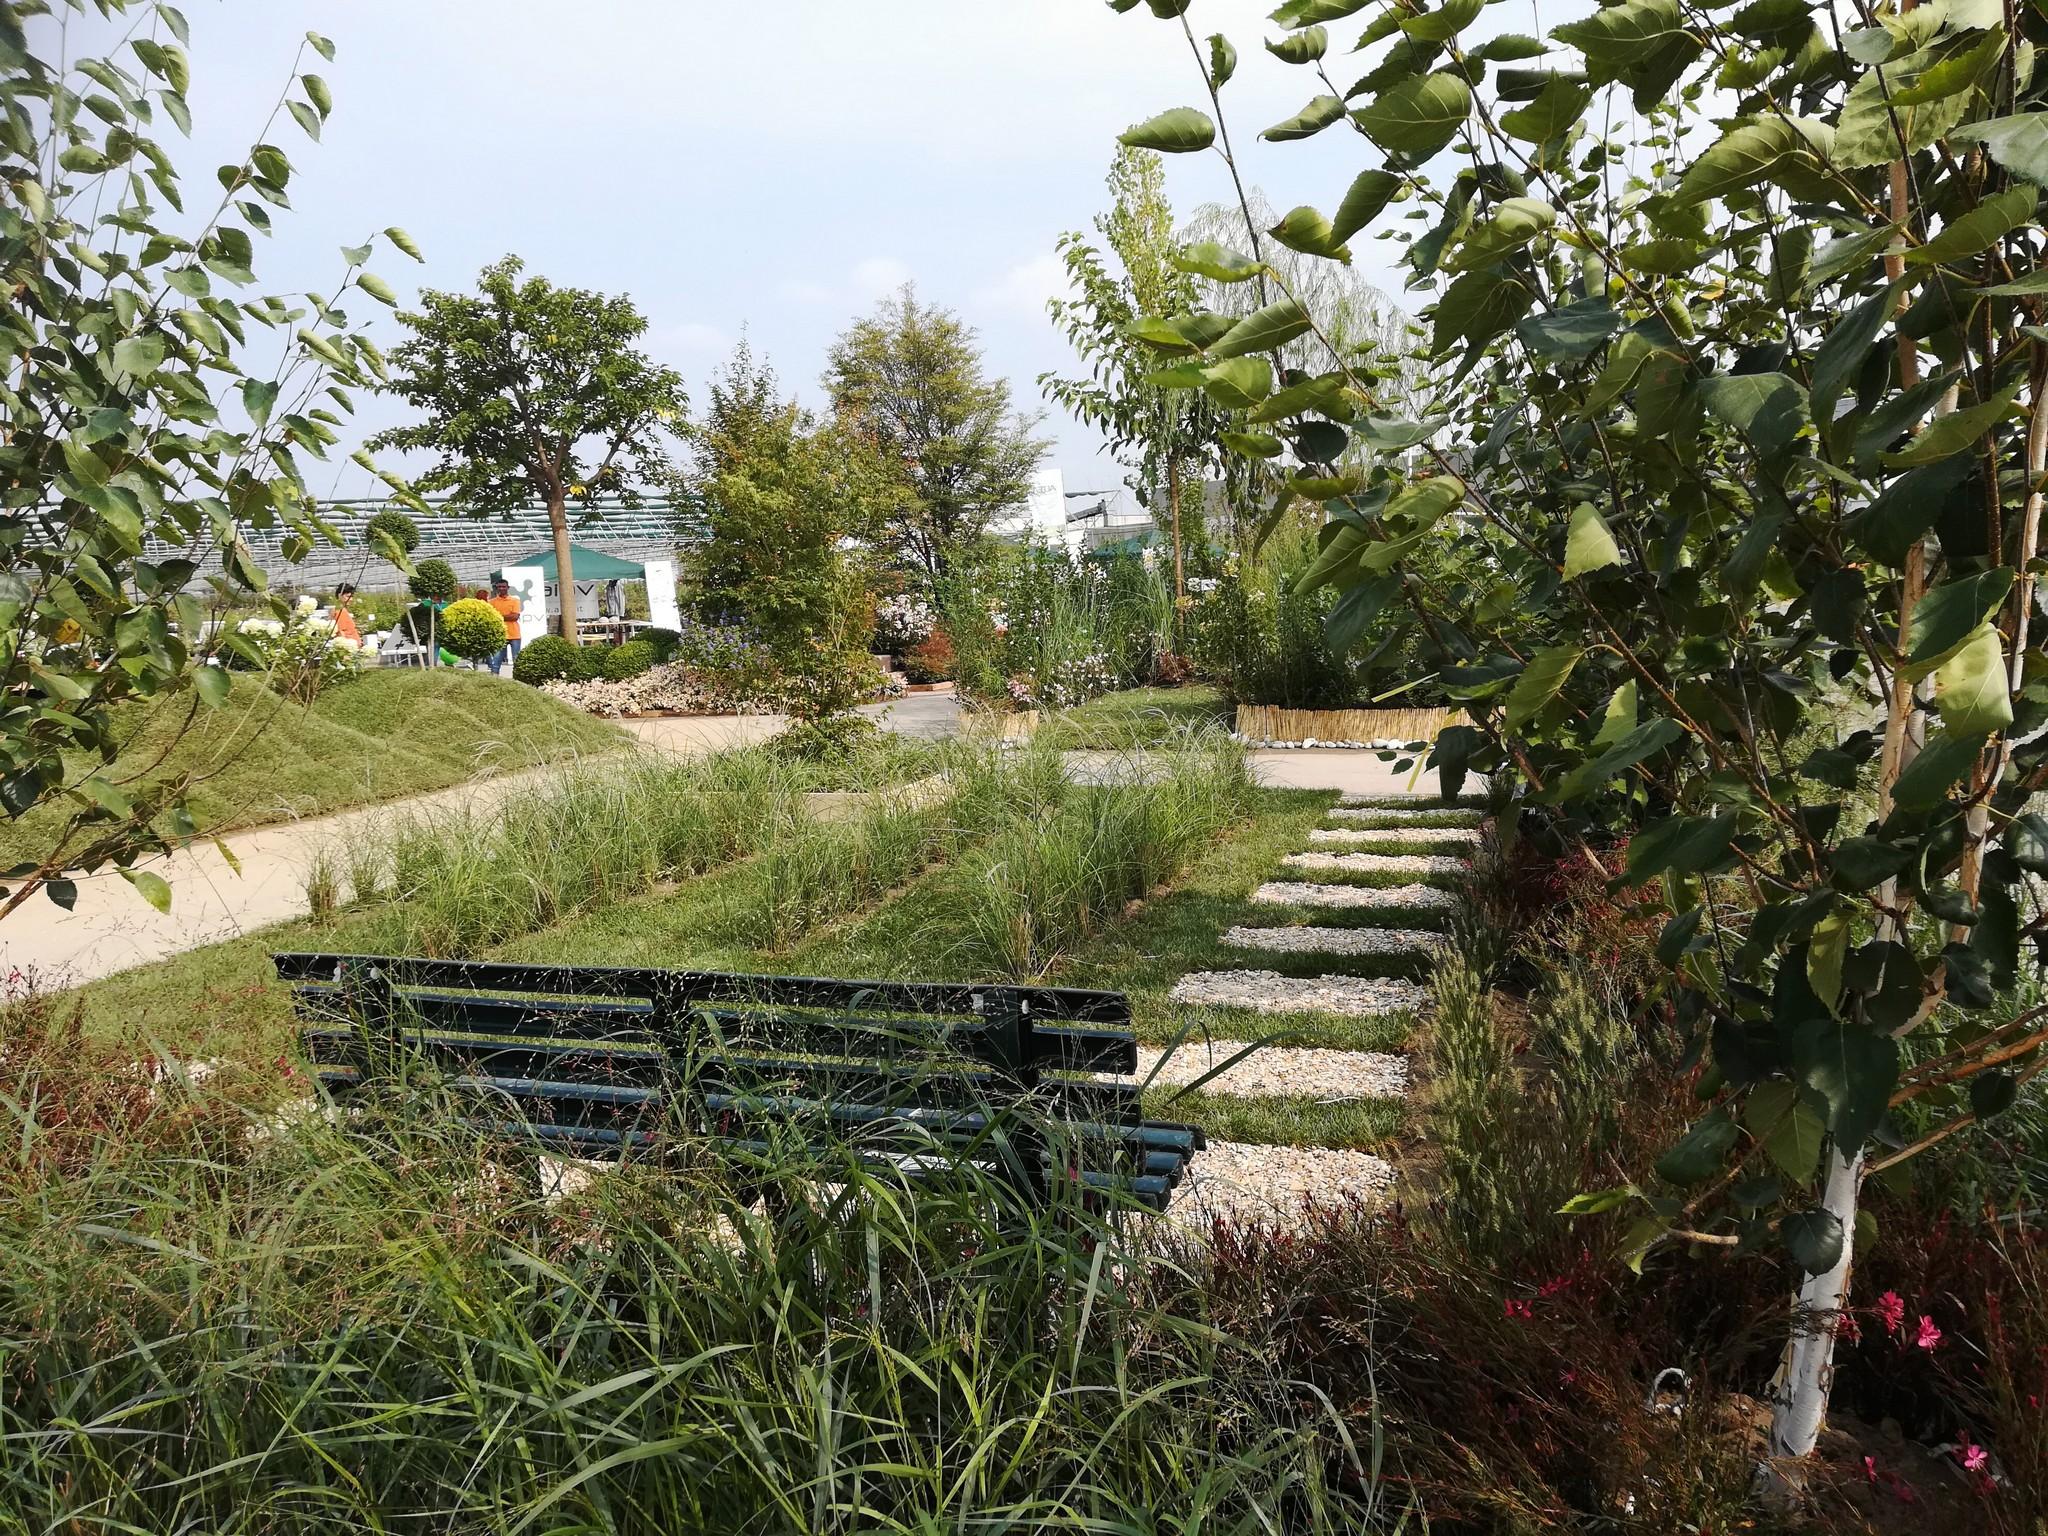 Concorso-giardini-Verdeggiando_52-Con-il-vento-tra-i-capelli-SNFT9-Stefano-Notari